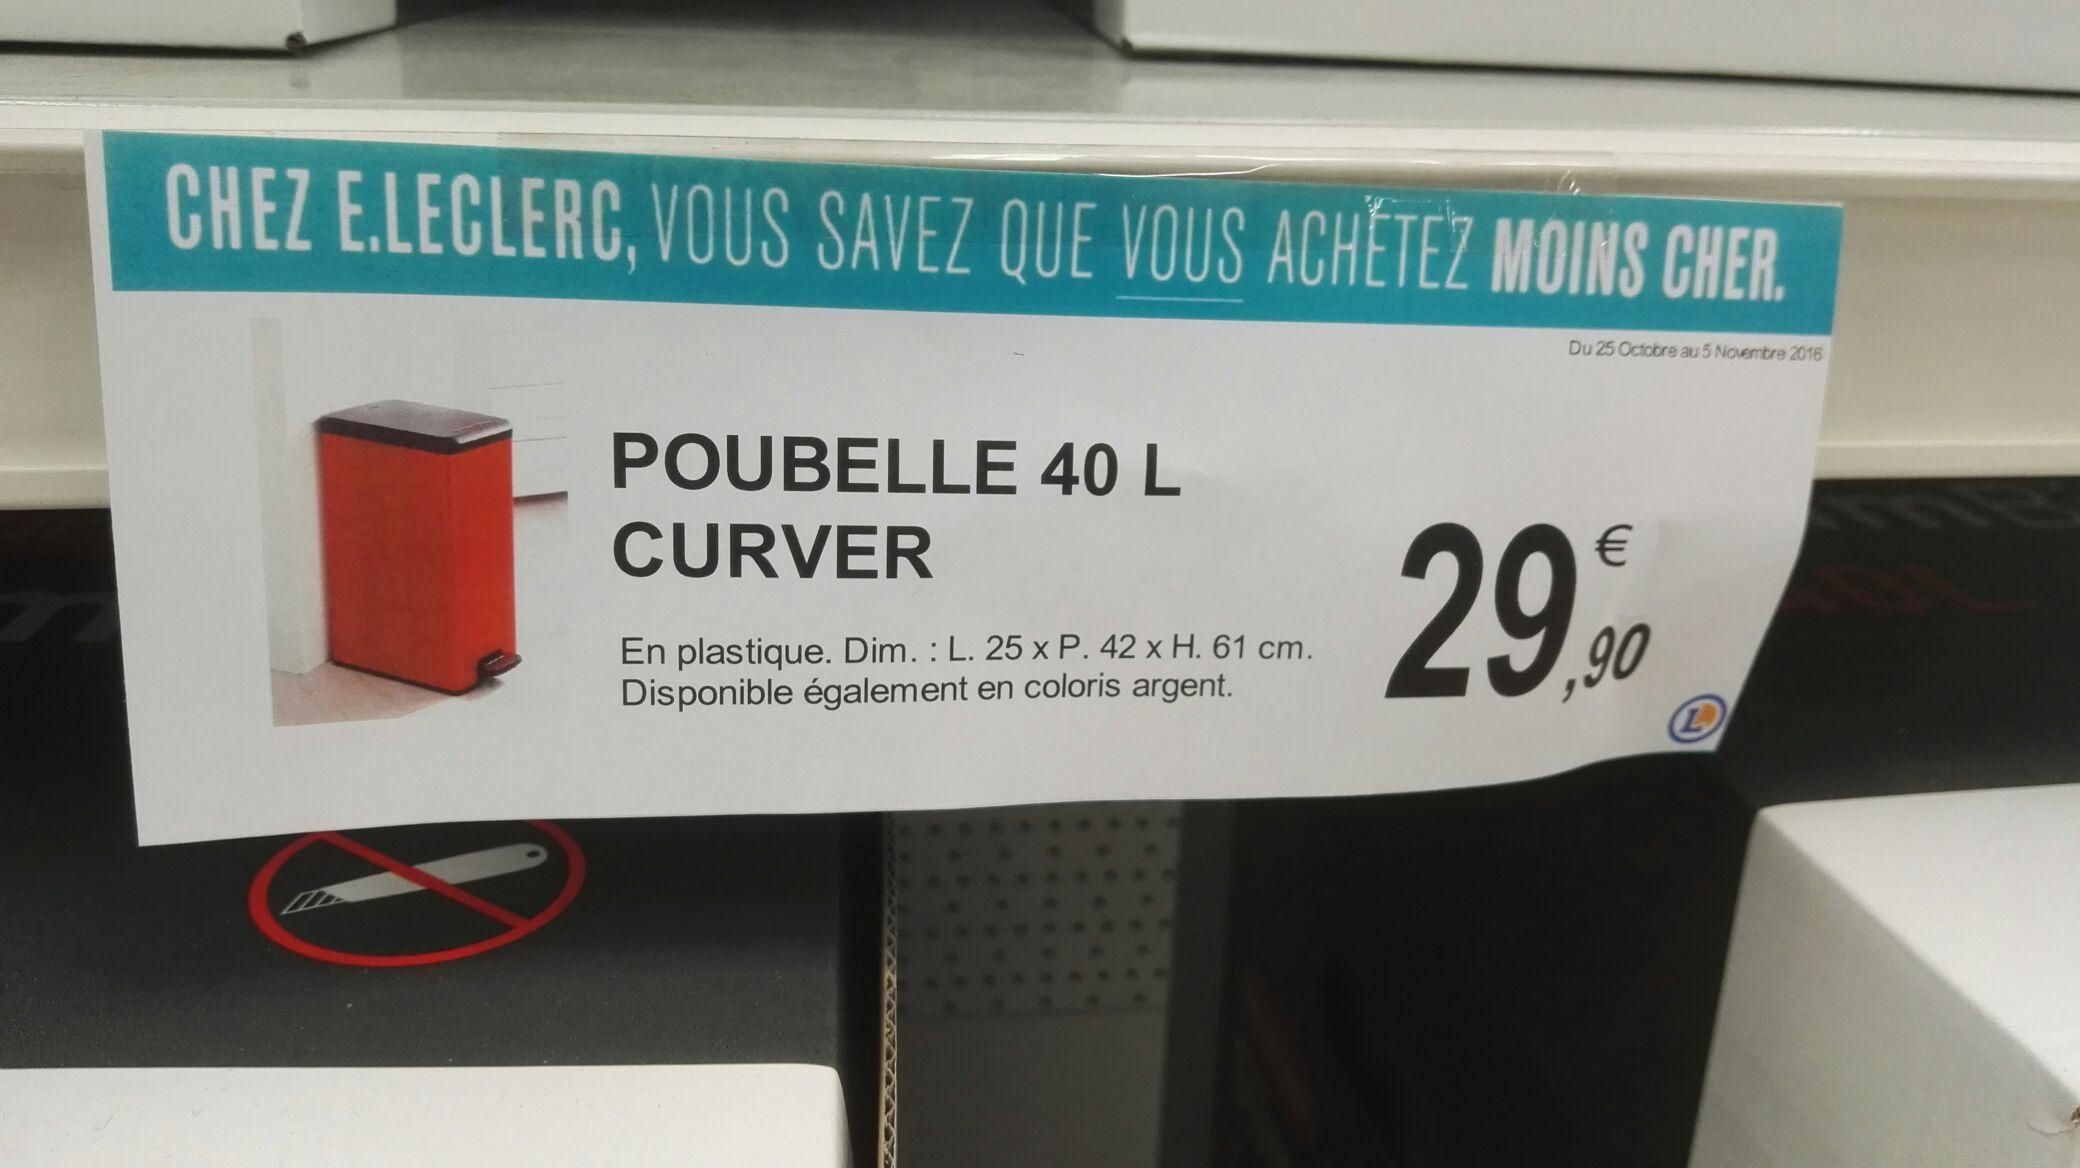 Poubelle Curver slim bin - 40L, Argenté ou Rouge